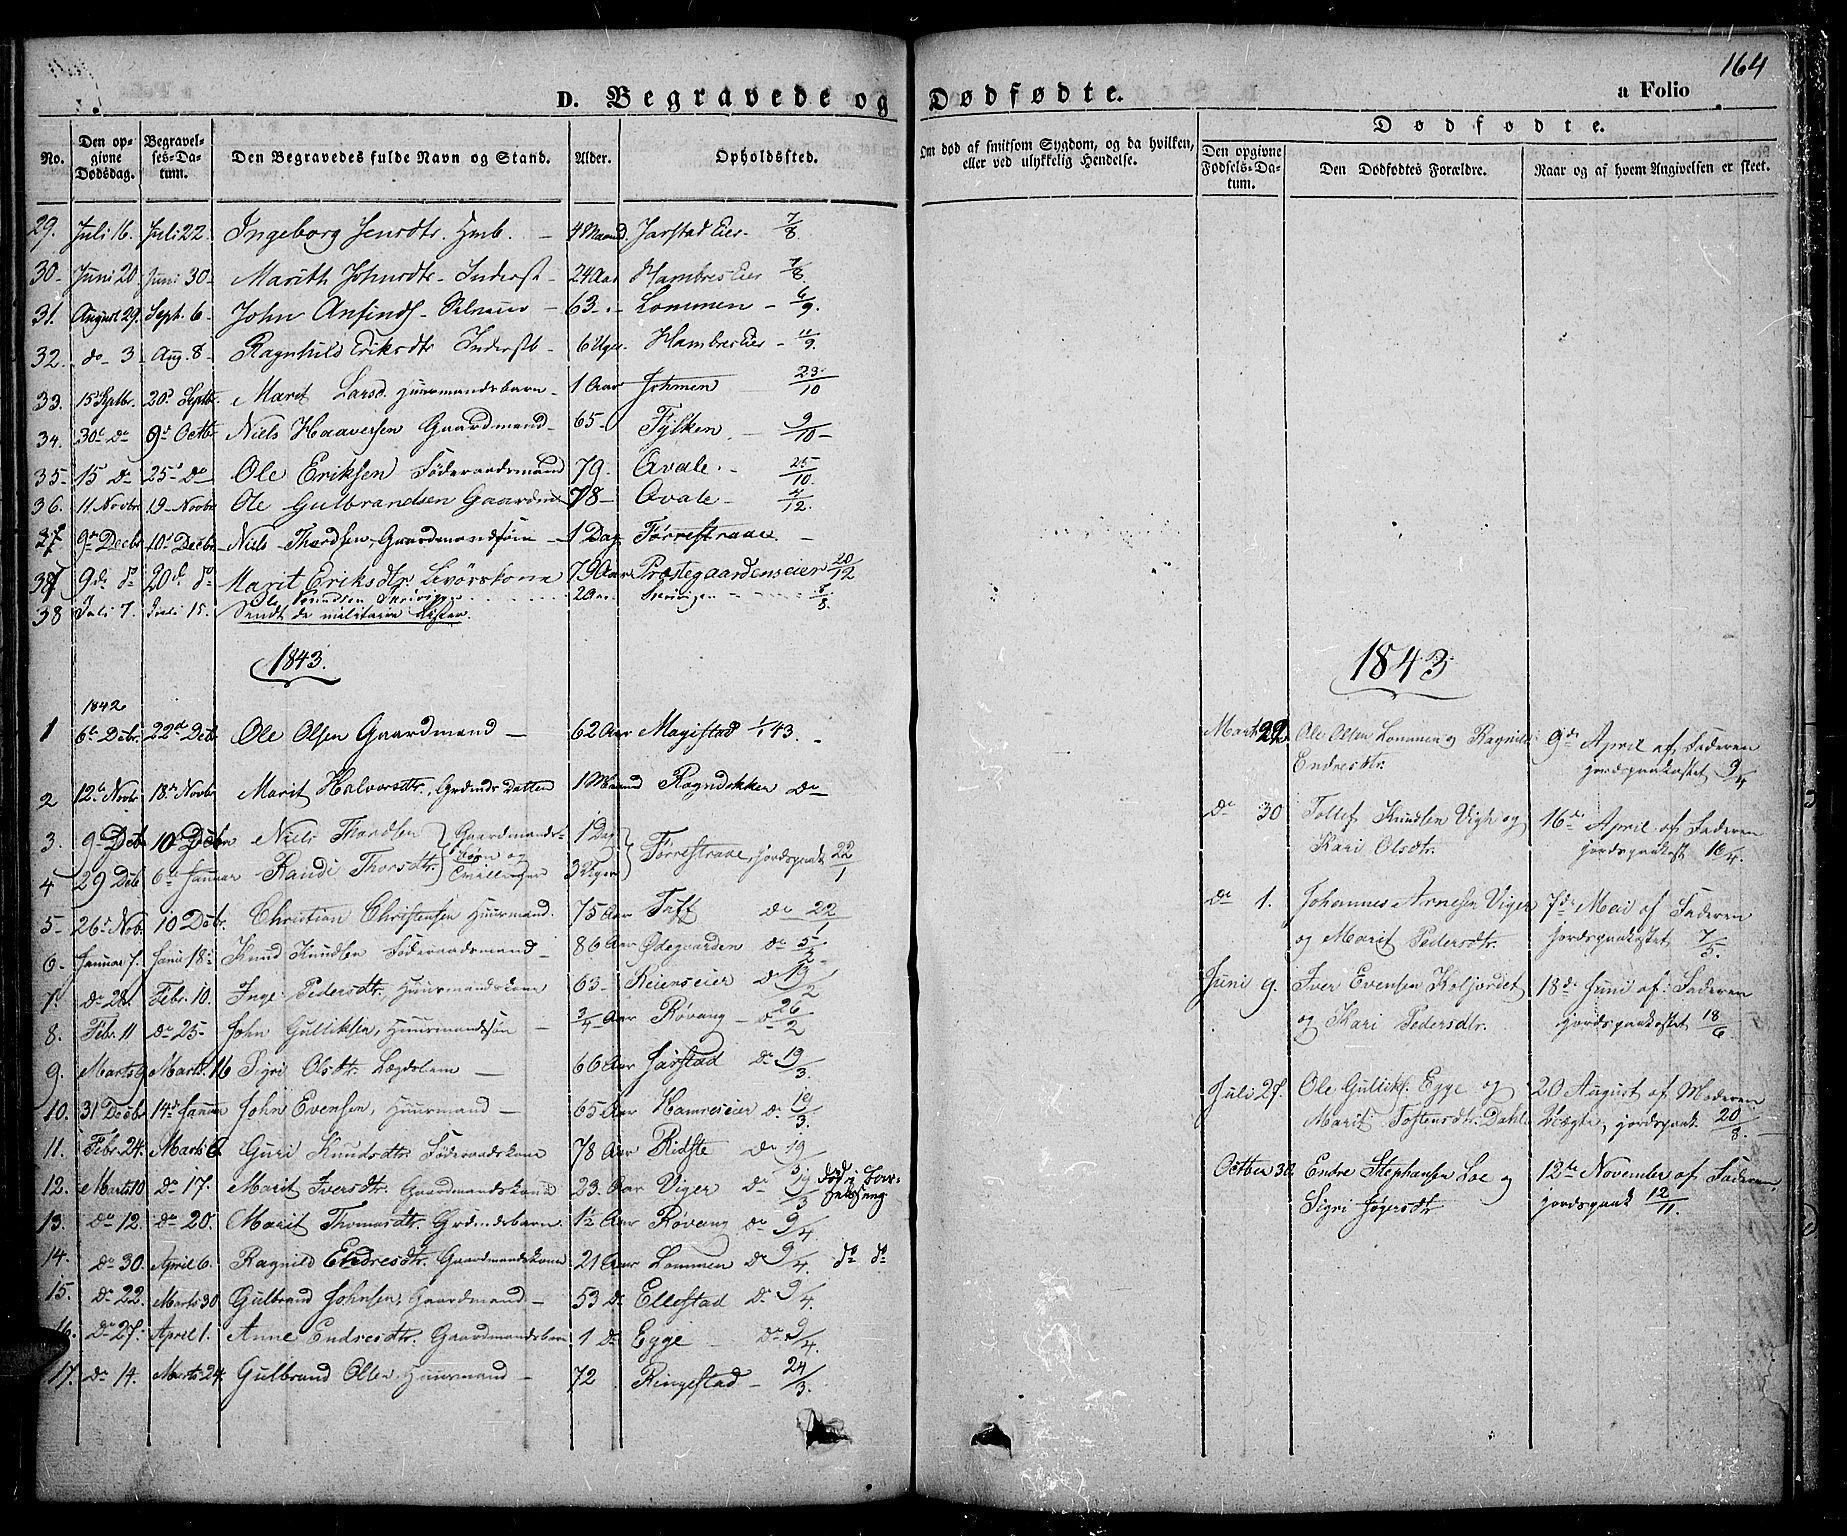 SAH, Slidre prestekontor, Ministerialbok nr. 3, 1831-1843, s. 164